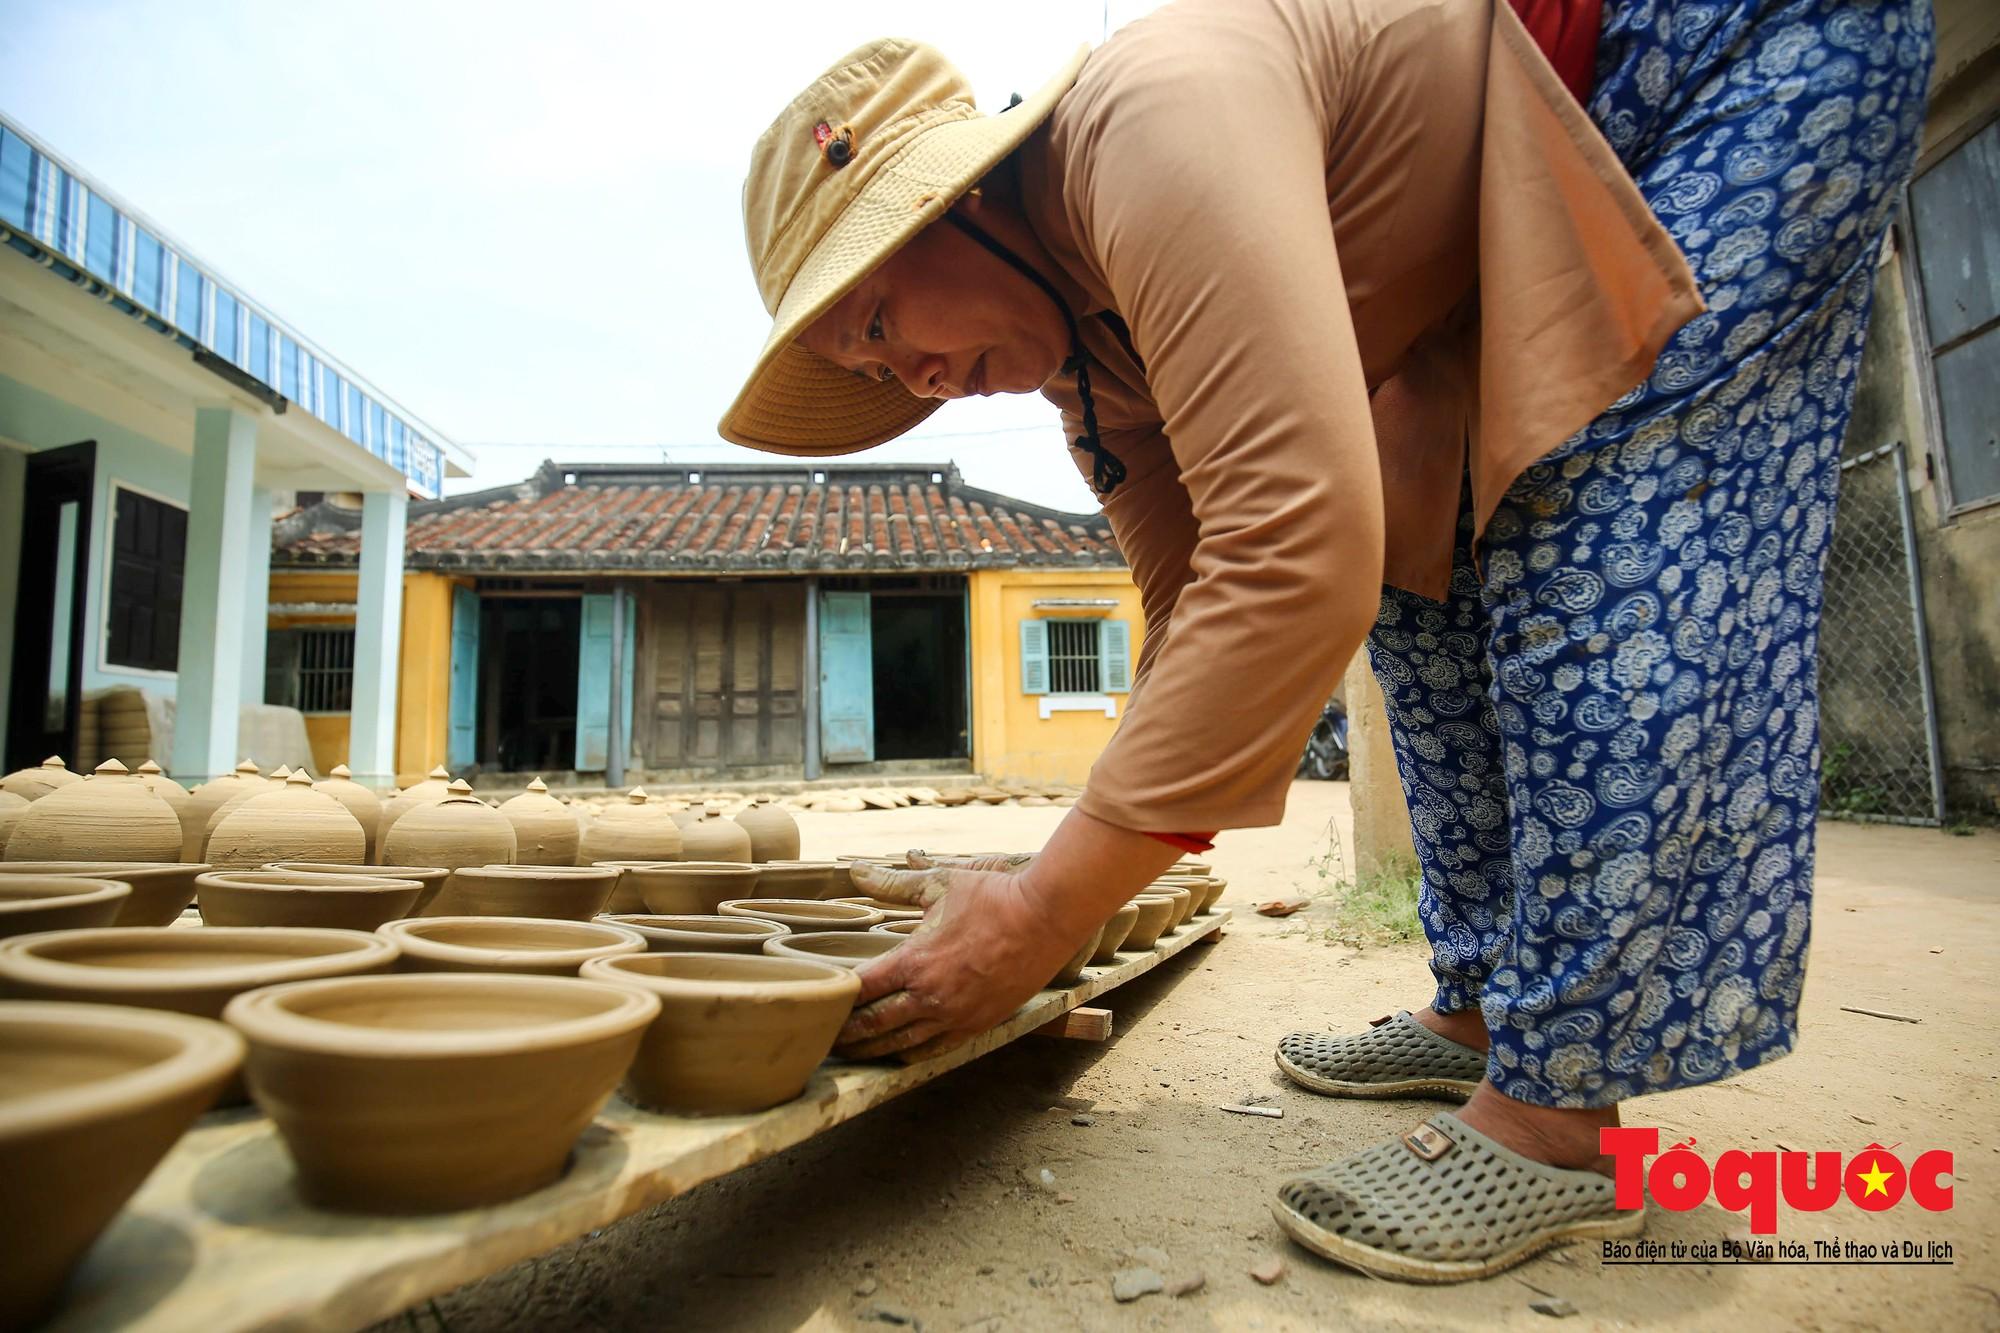 Vẻ đẹp trầm mặc của làng gốm gần nghìn năm tuổi bên dòng sông Thu Bồn16